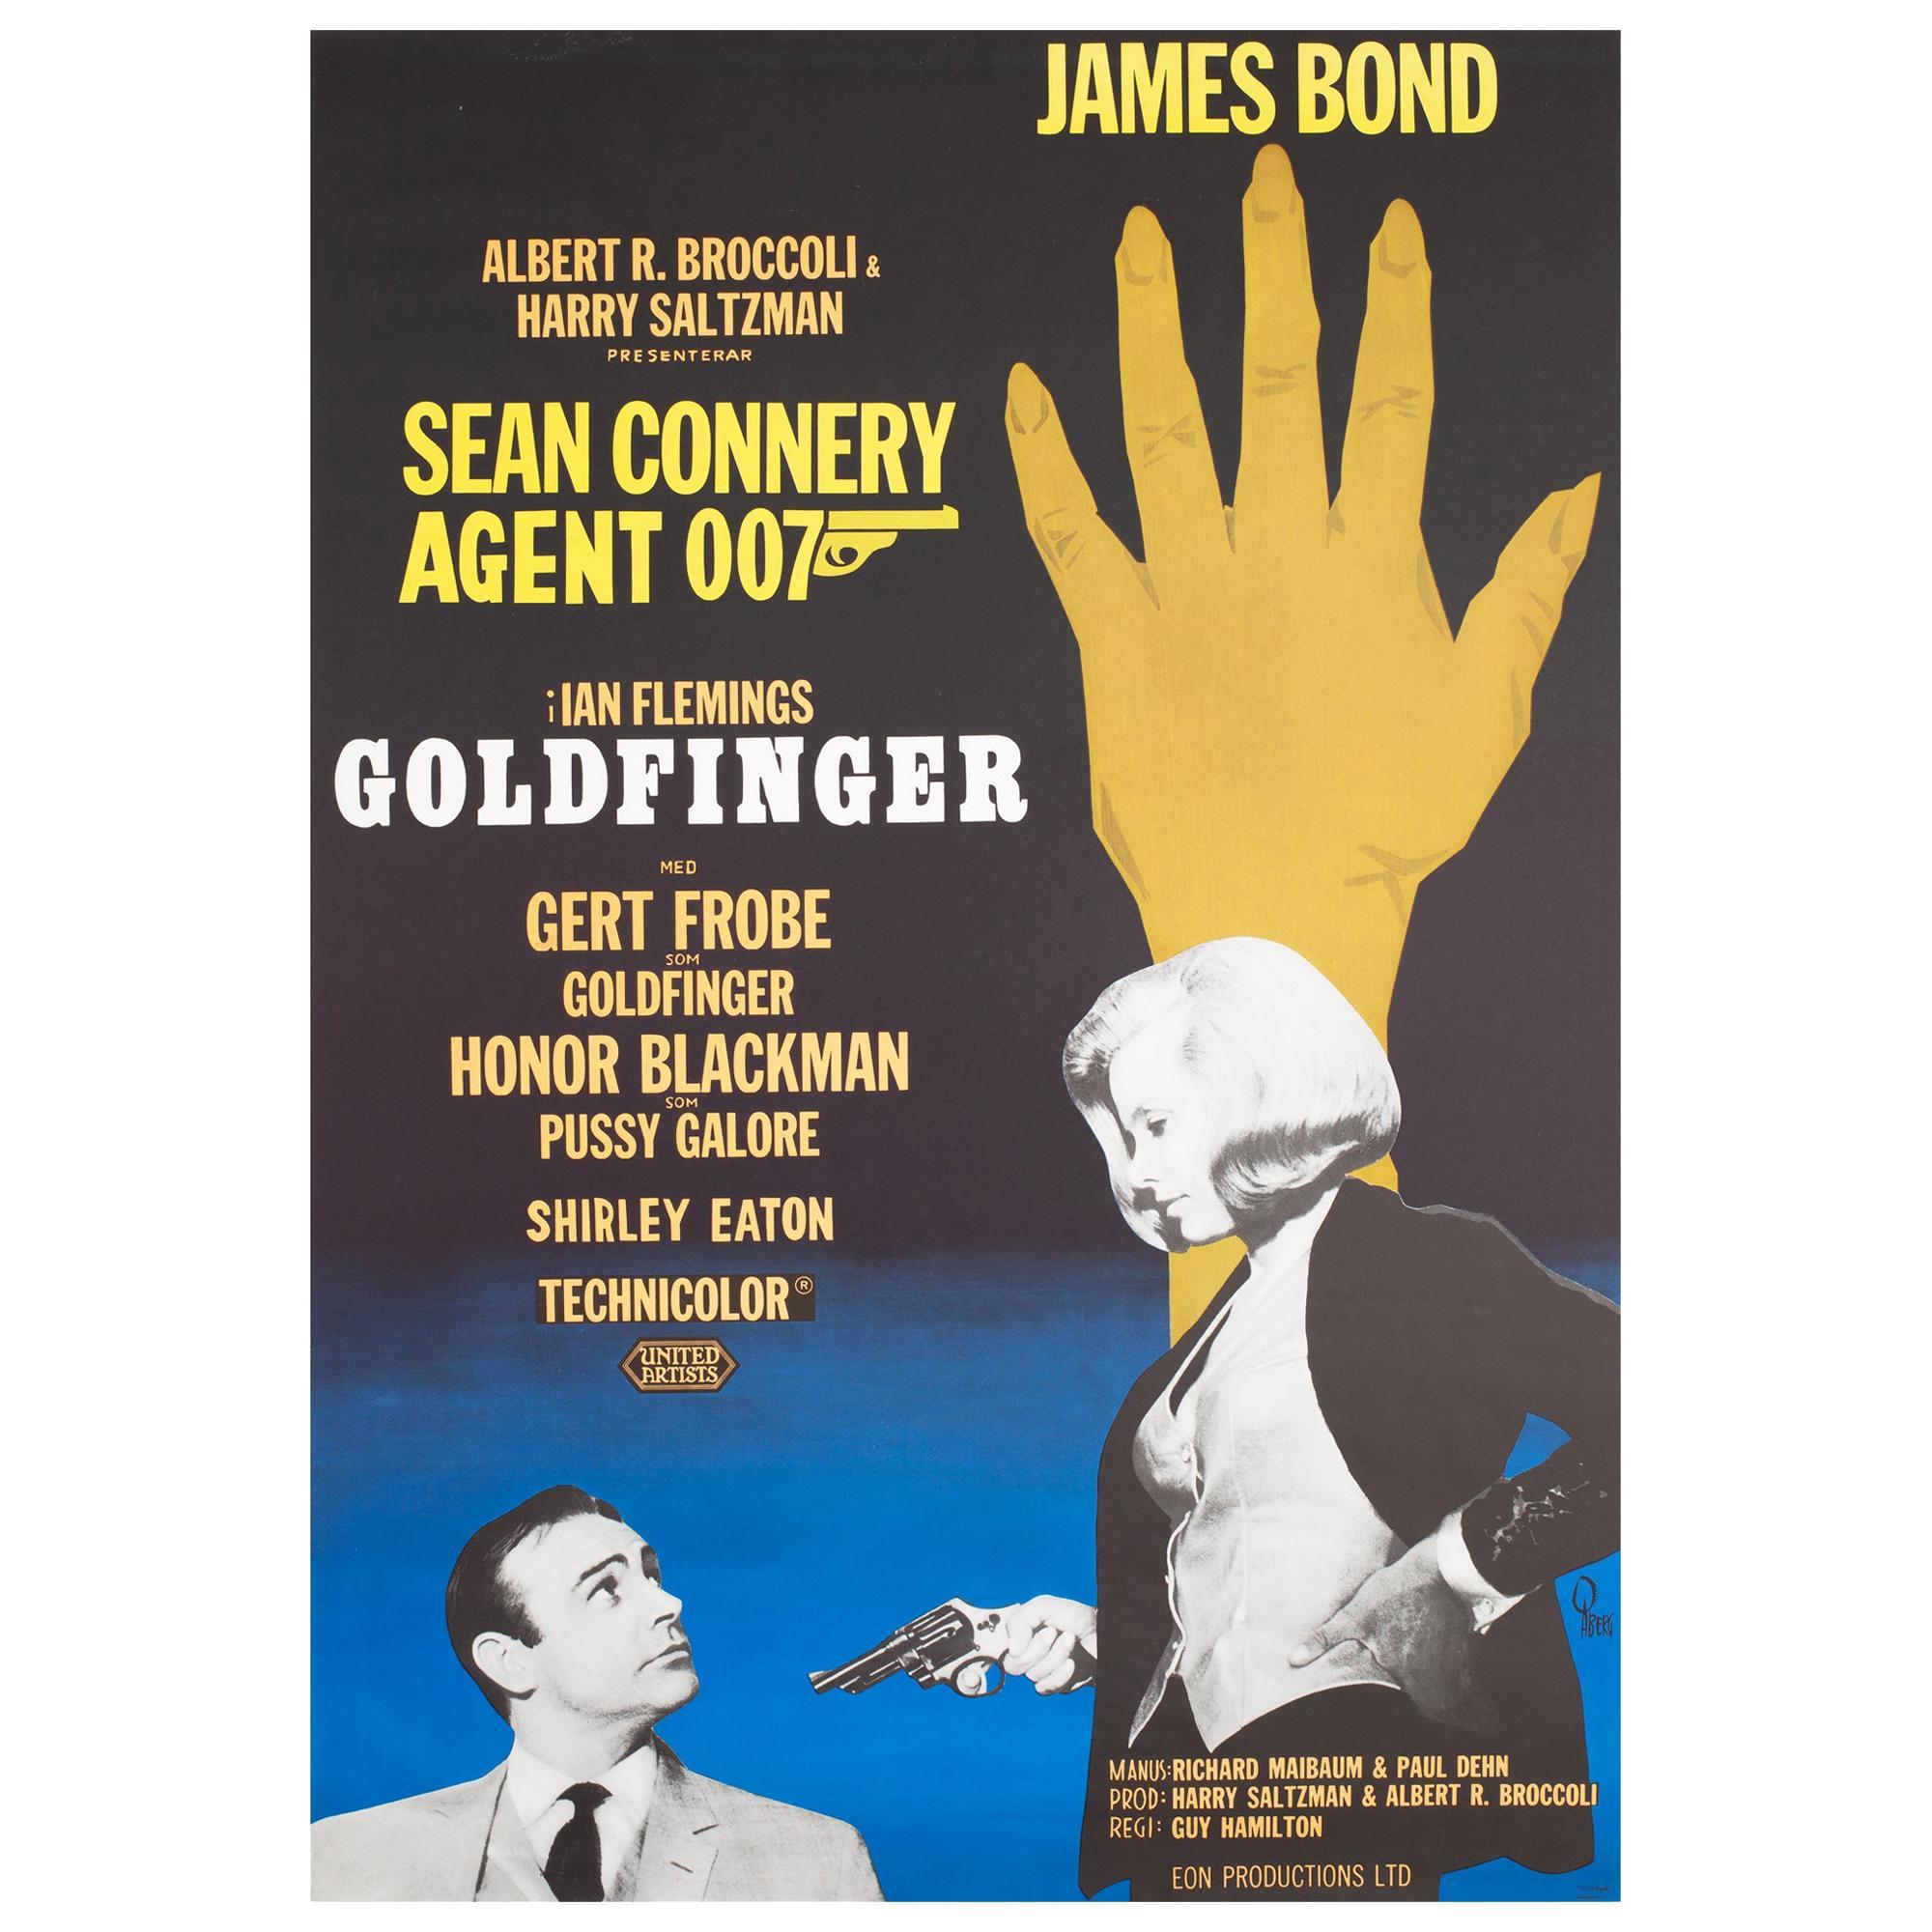 Goldfinger R1967 Swedish James Bond Film Poster, Aberg